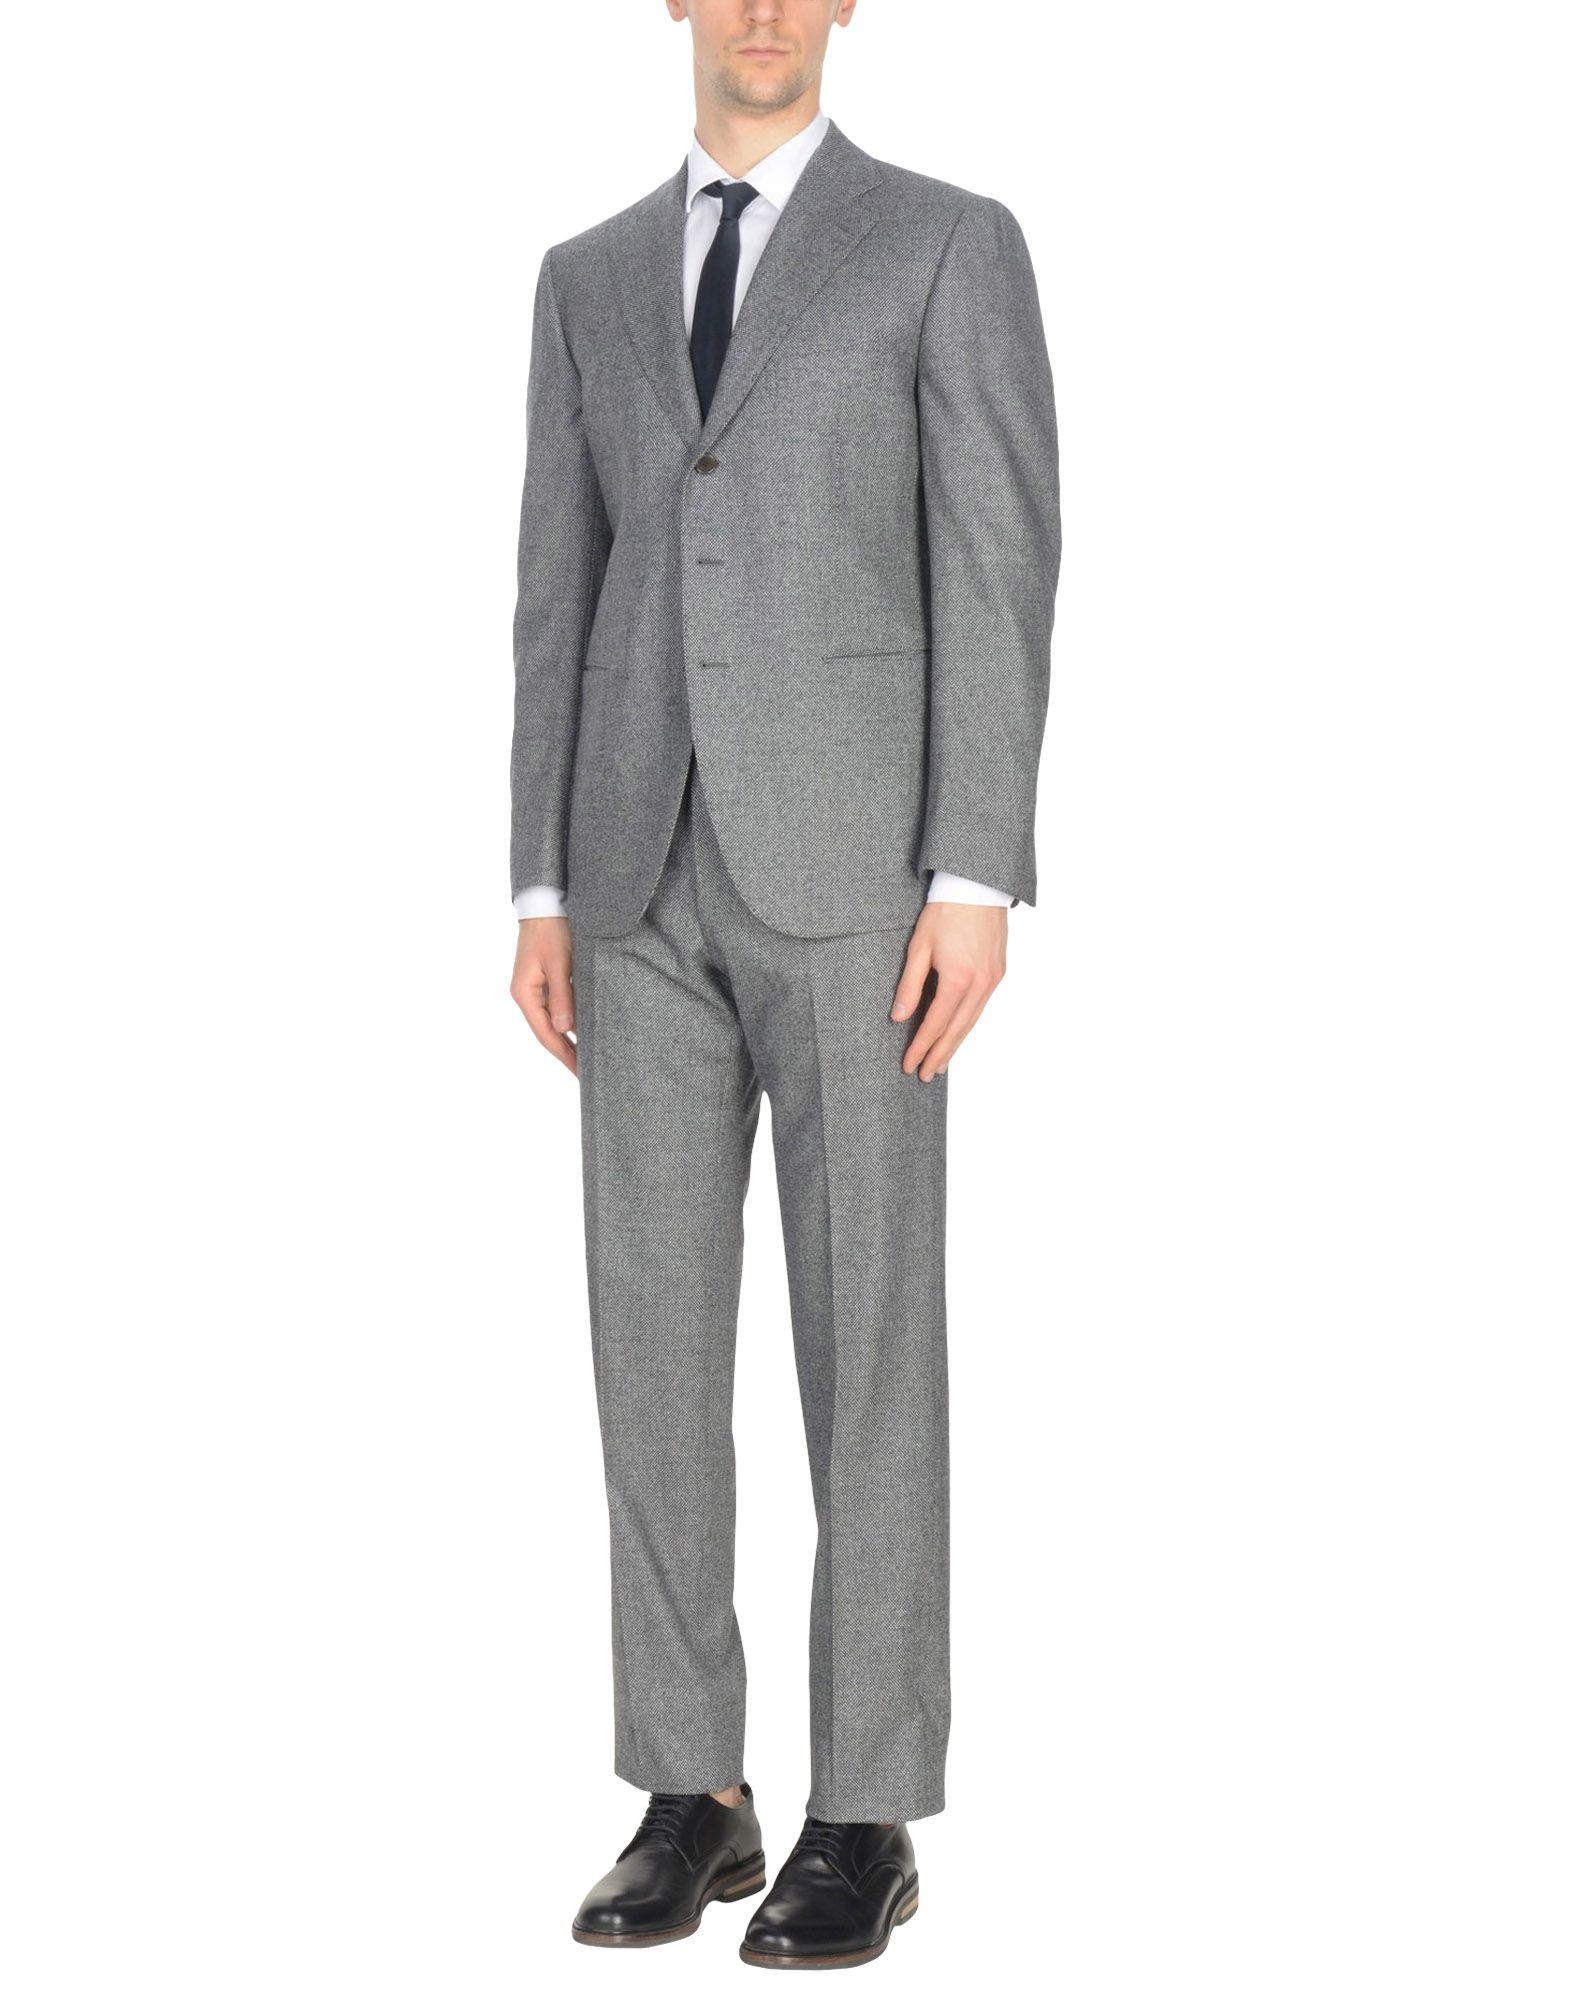 《送料無料》CESARE ATTOLINI メンズ スーツ グレー 52 ウール 100%